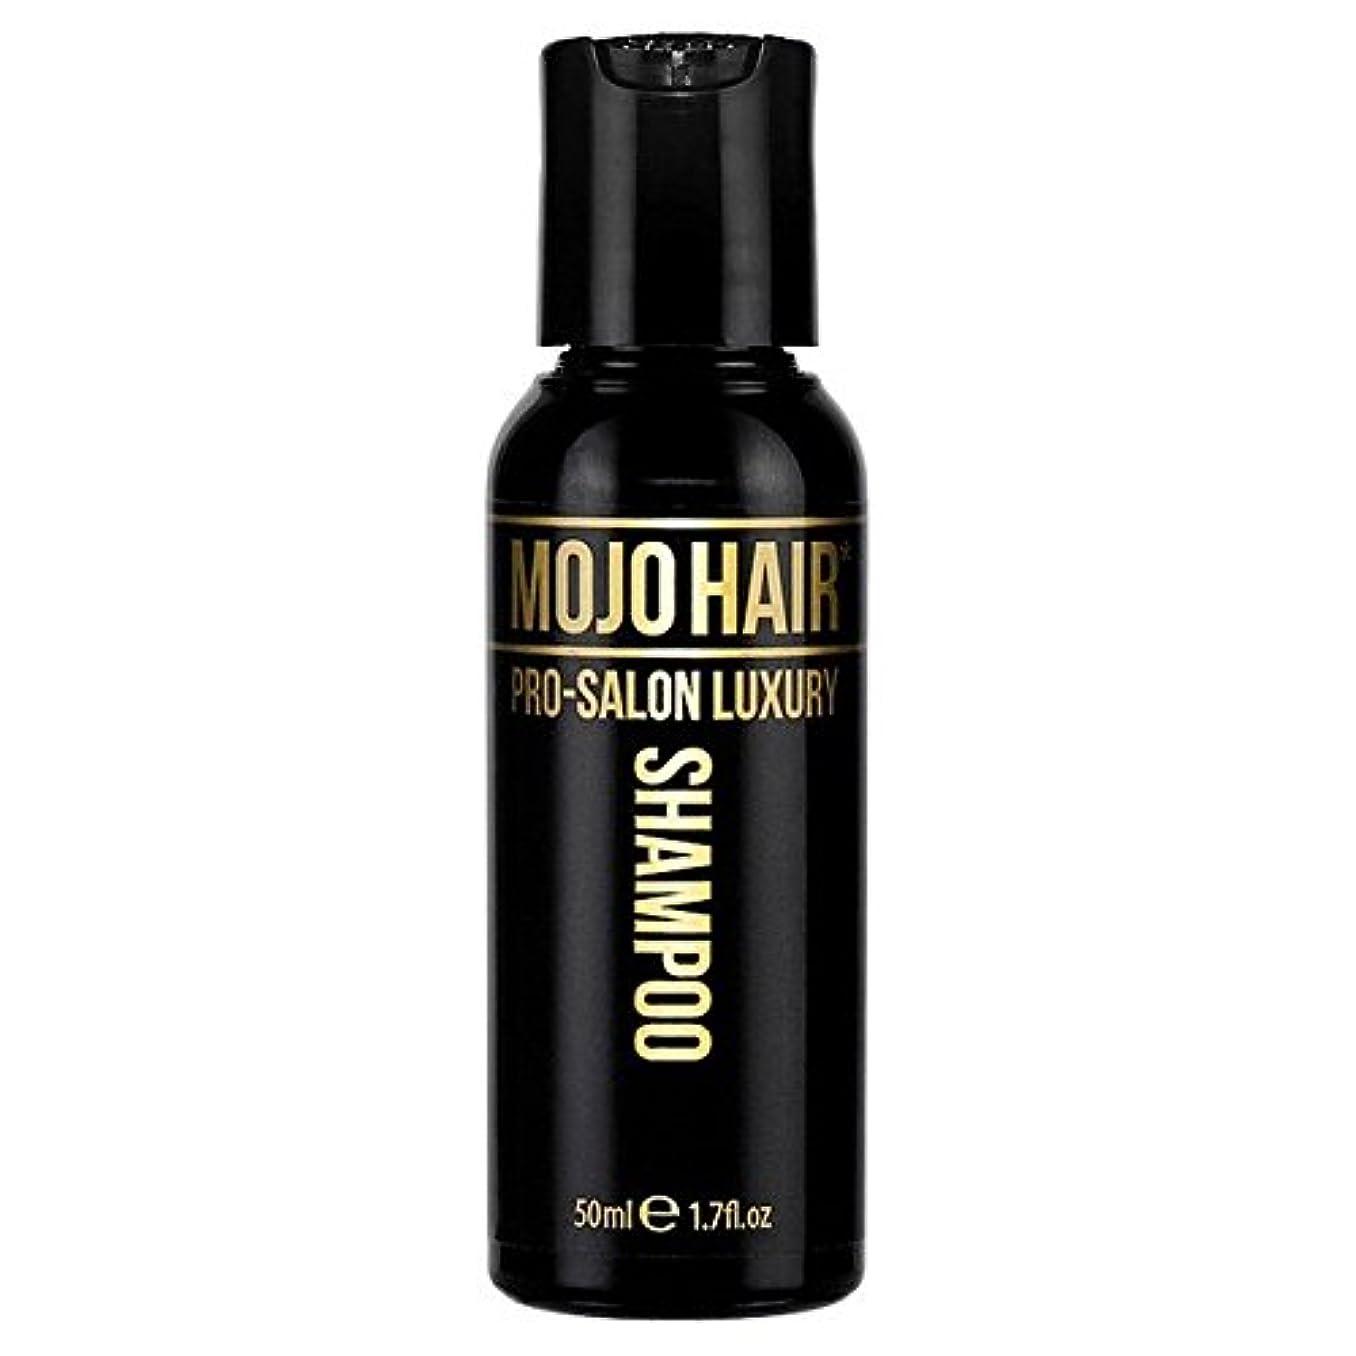 アクロバットシャープジョセフバンクスMOJO HAIR Pro-Salon Luxury Fragrance Shampoo for Men, Travel Size 50ml (Pack of 6) - 男性のためのモジョの毛プロのサロンの贅沢な香りのシャンプー、トラベルサイズの50ミリリットル x6 [並行輸入品]